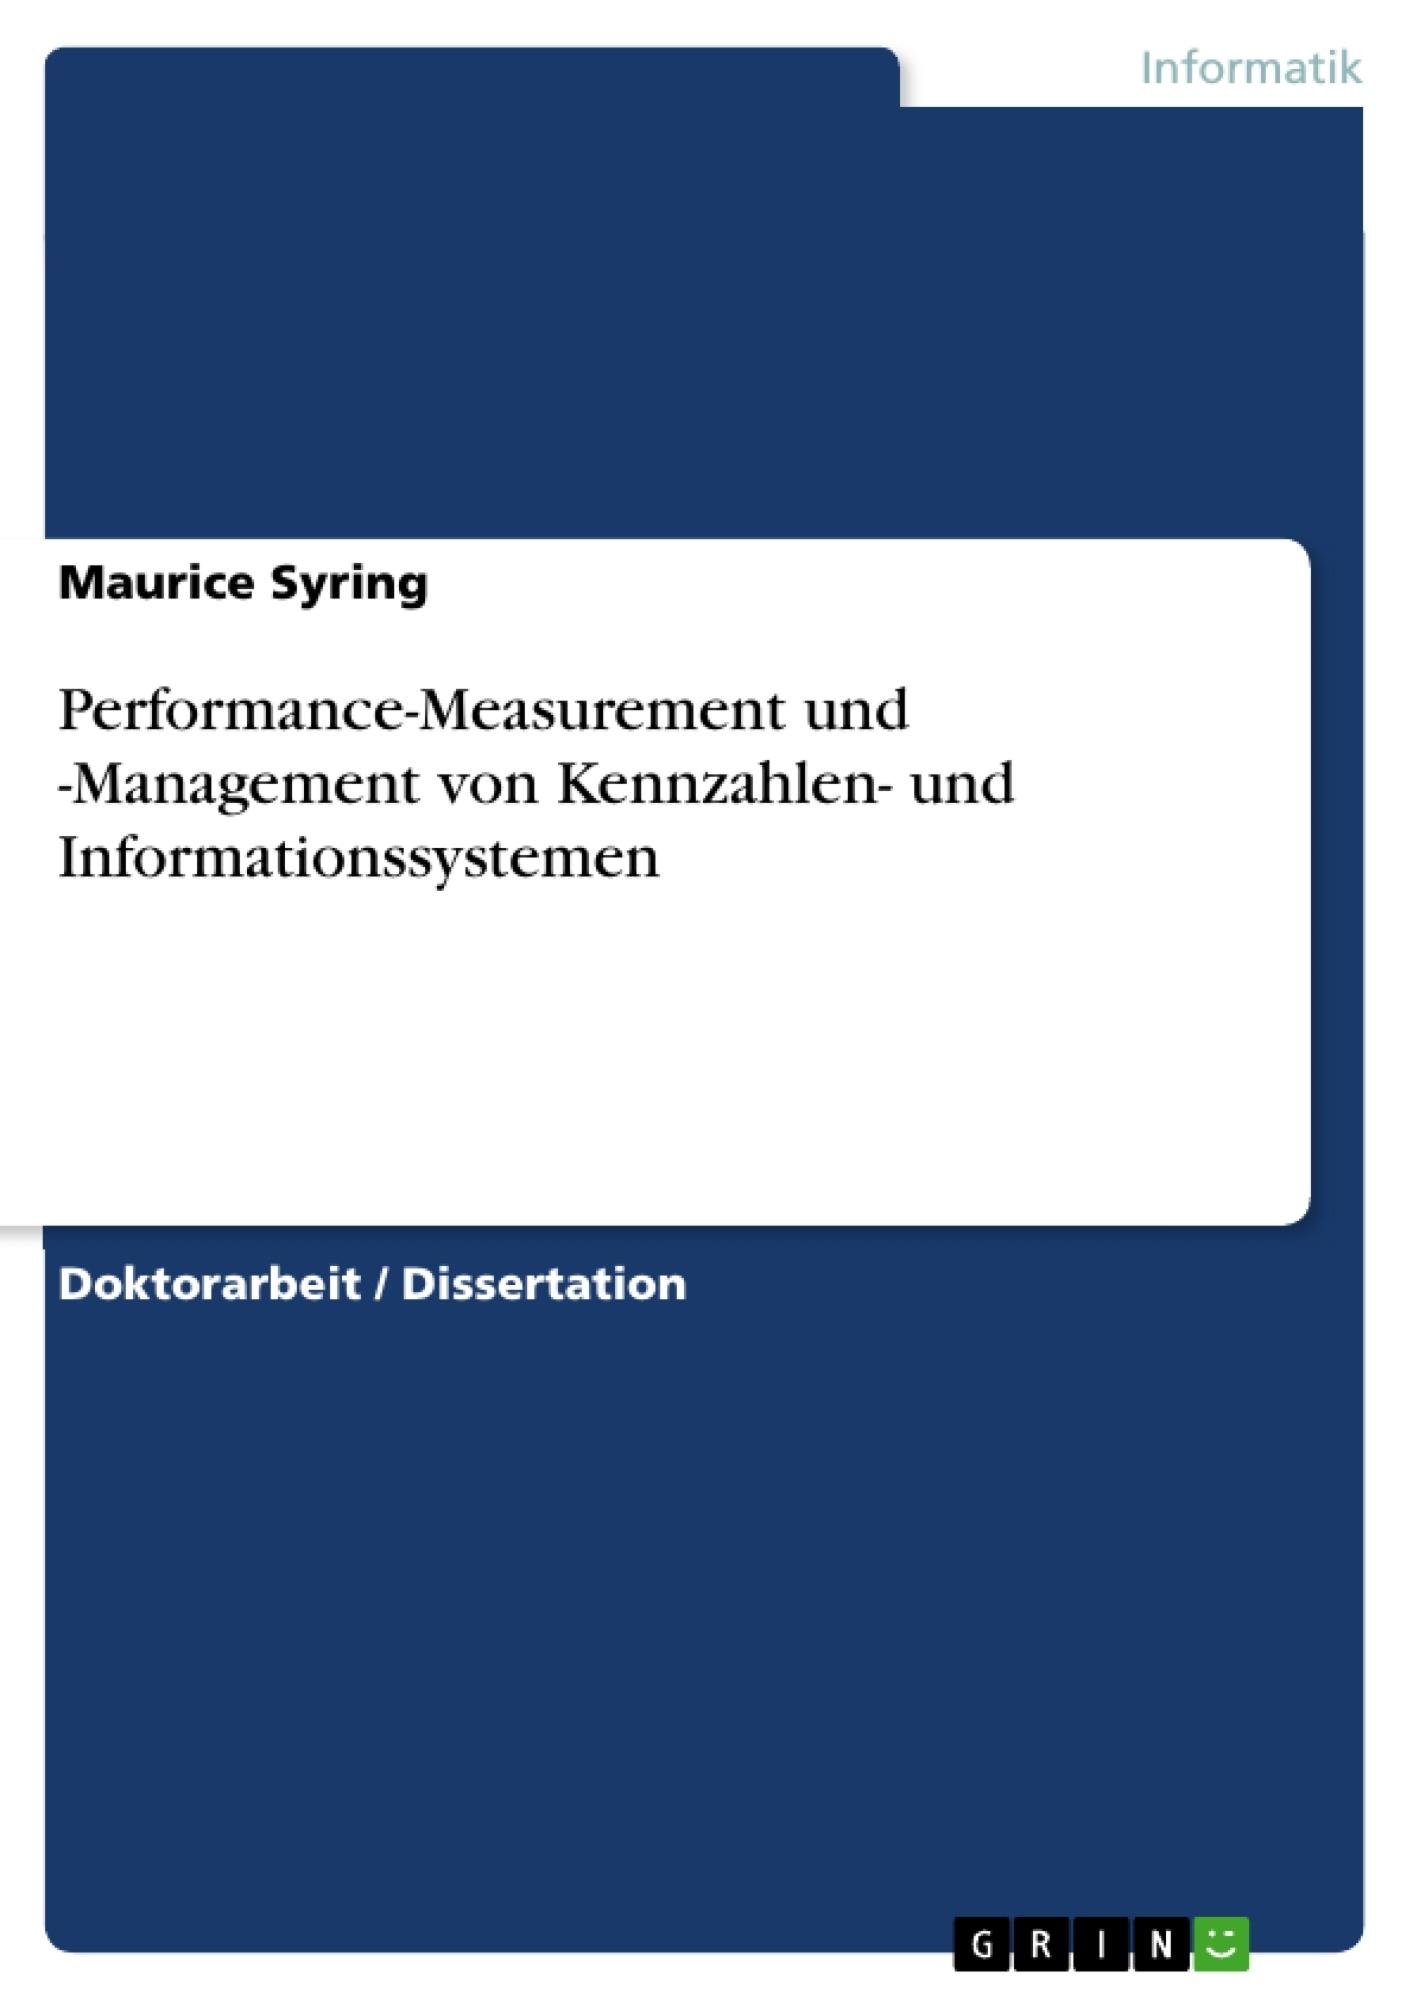 Titel: Performance-Measurement und -Management von Kennzahlen- und Informationssystemen